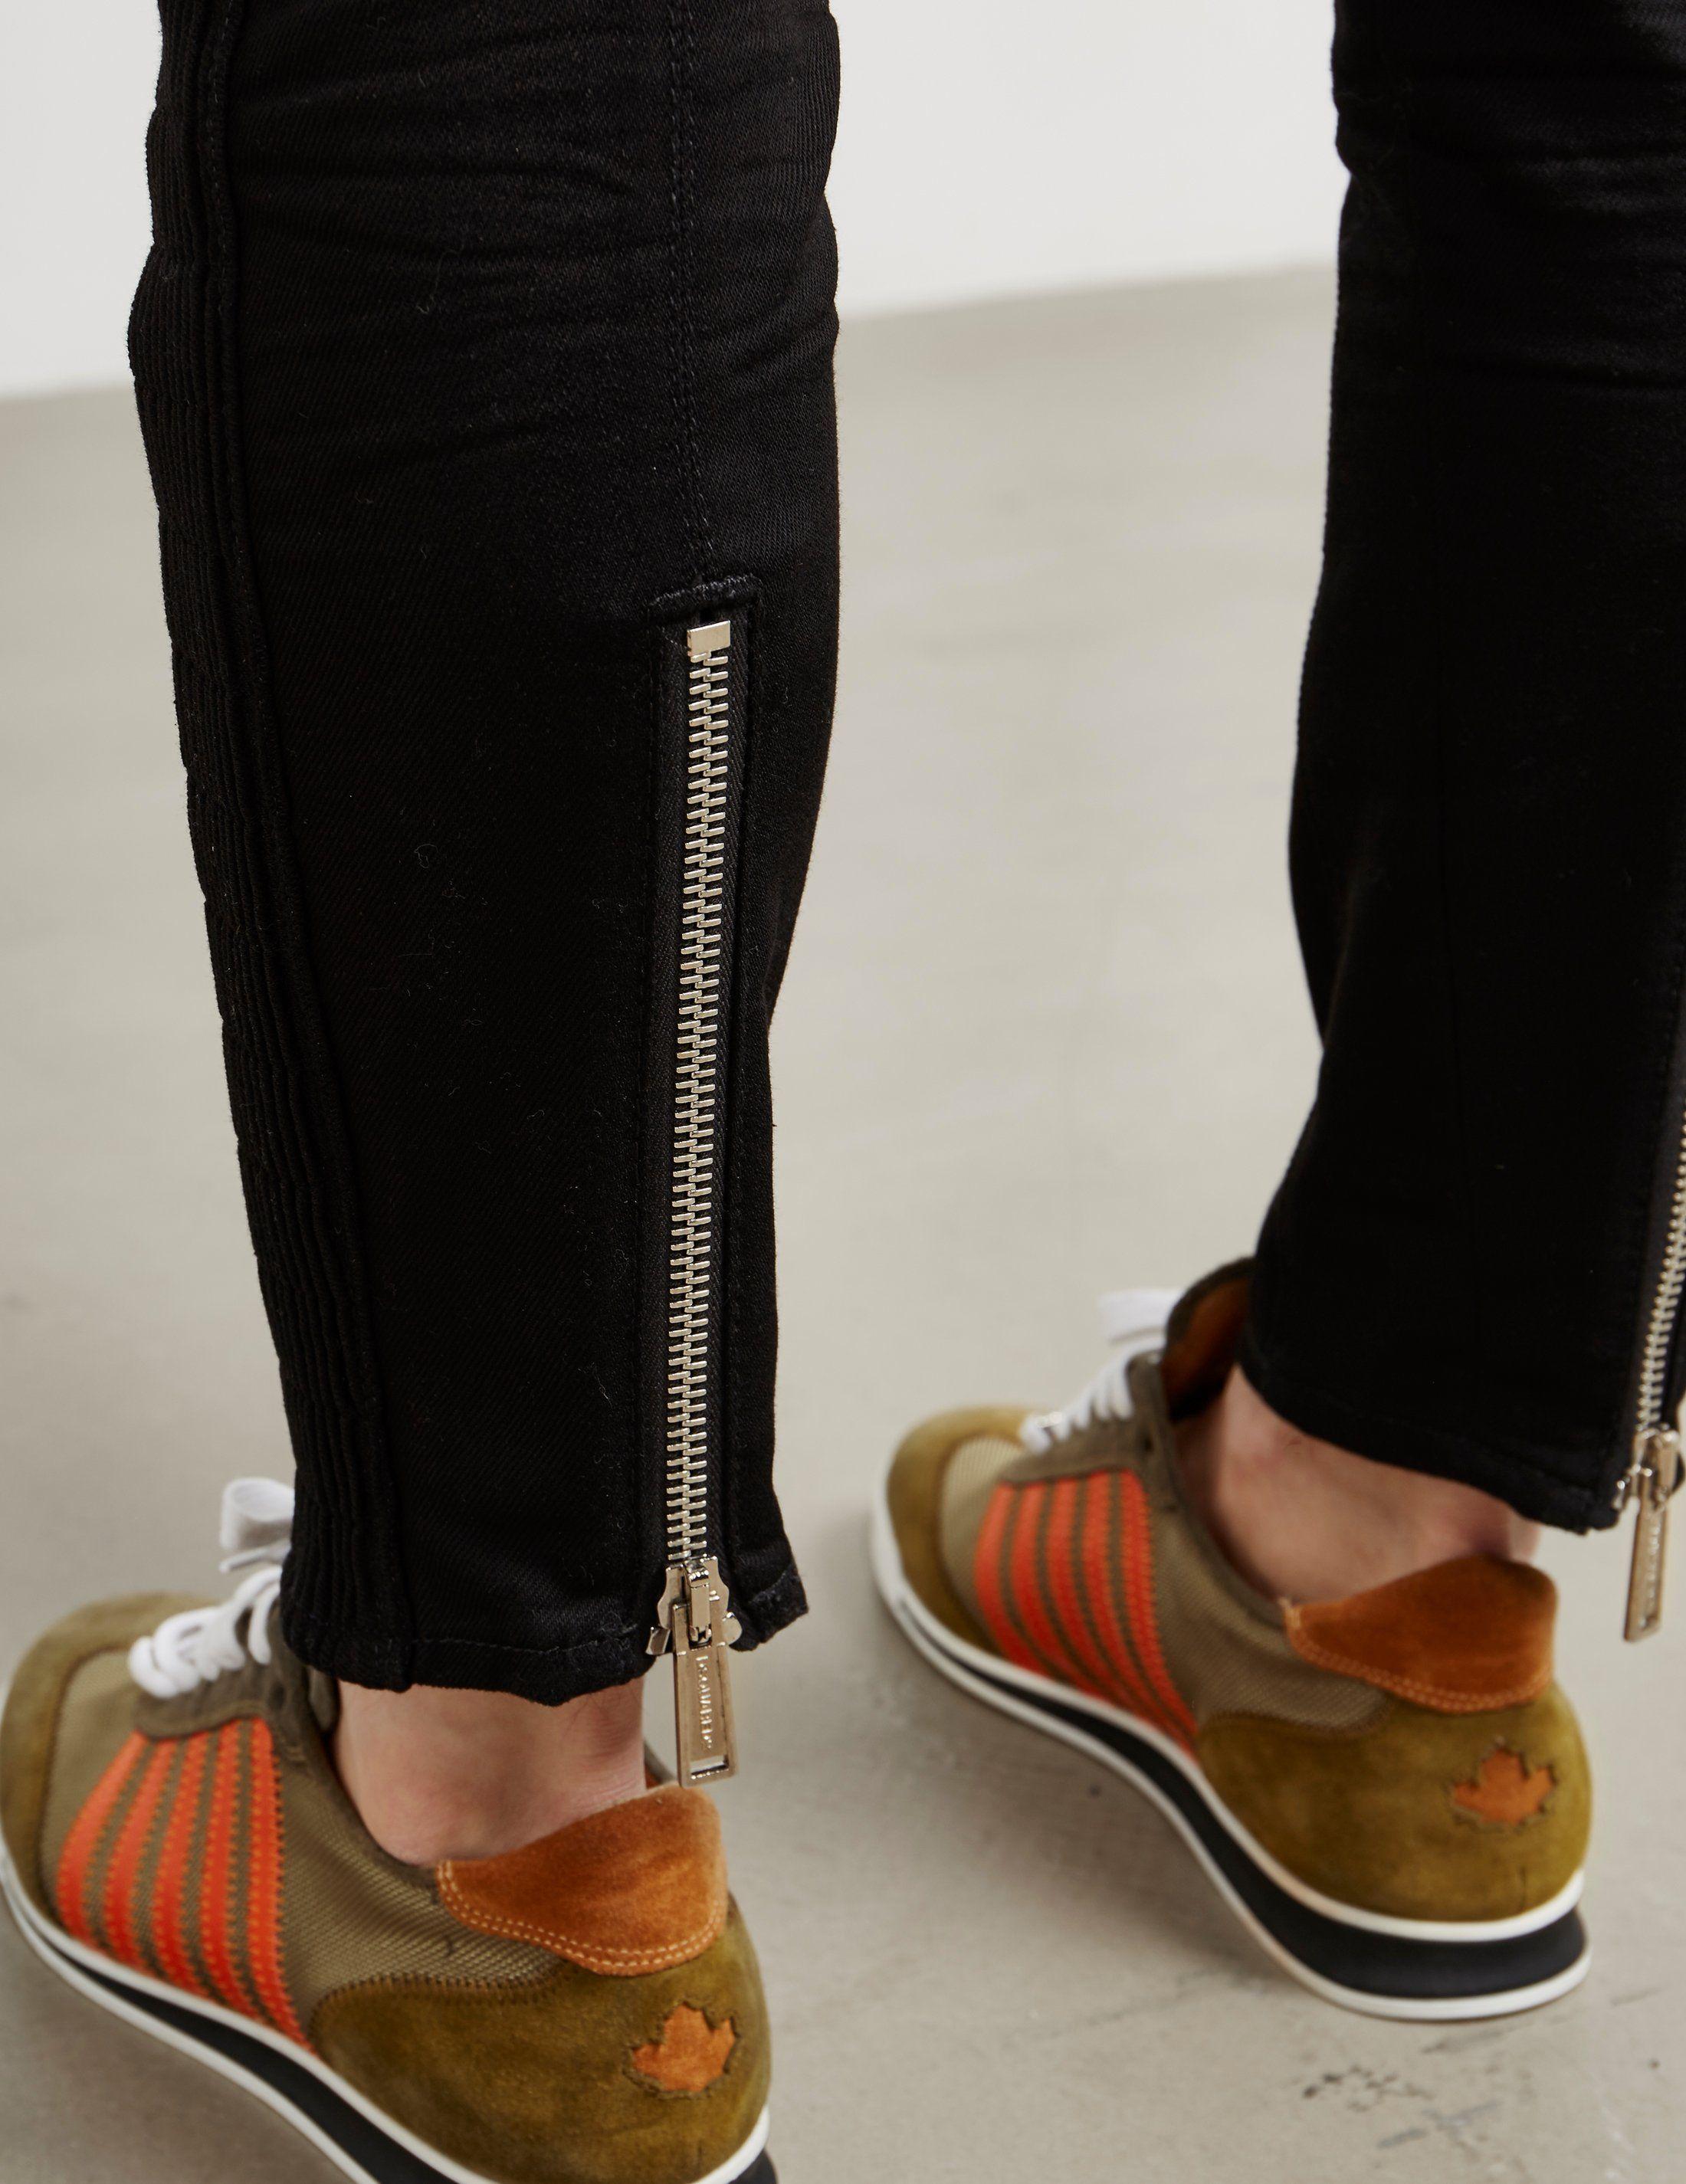 Dsquared2 Fashion Biker Jeans - Online Exclusive